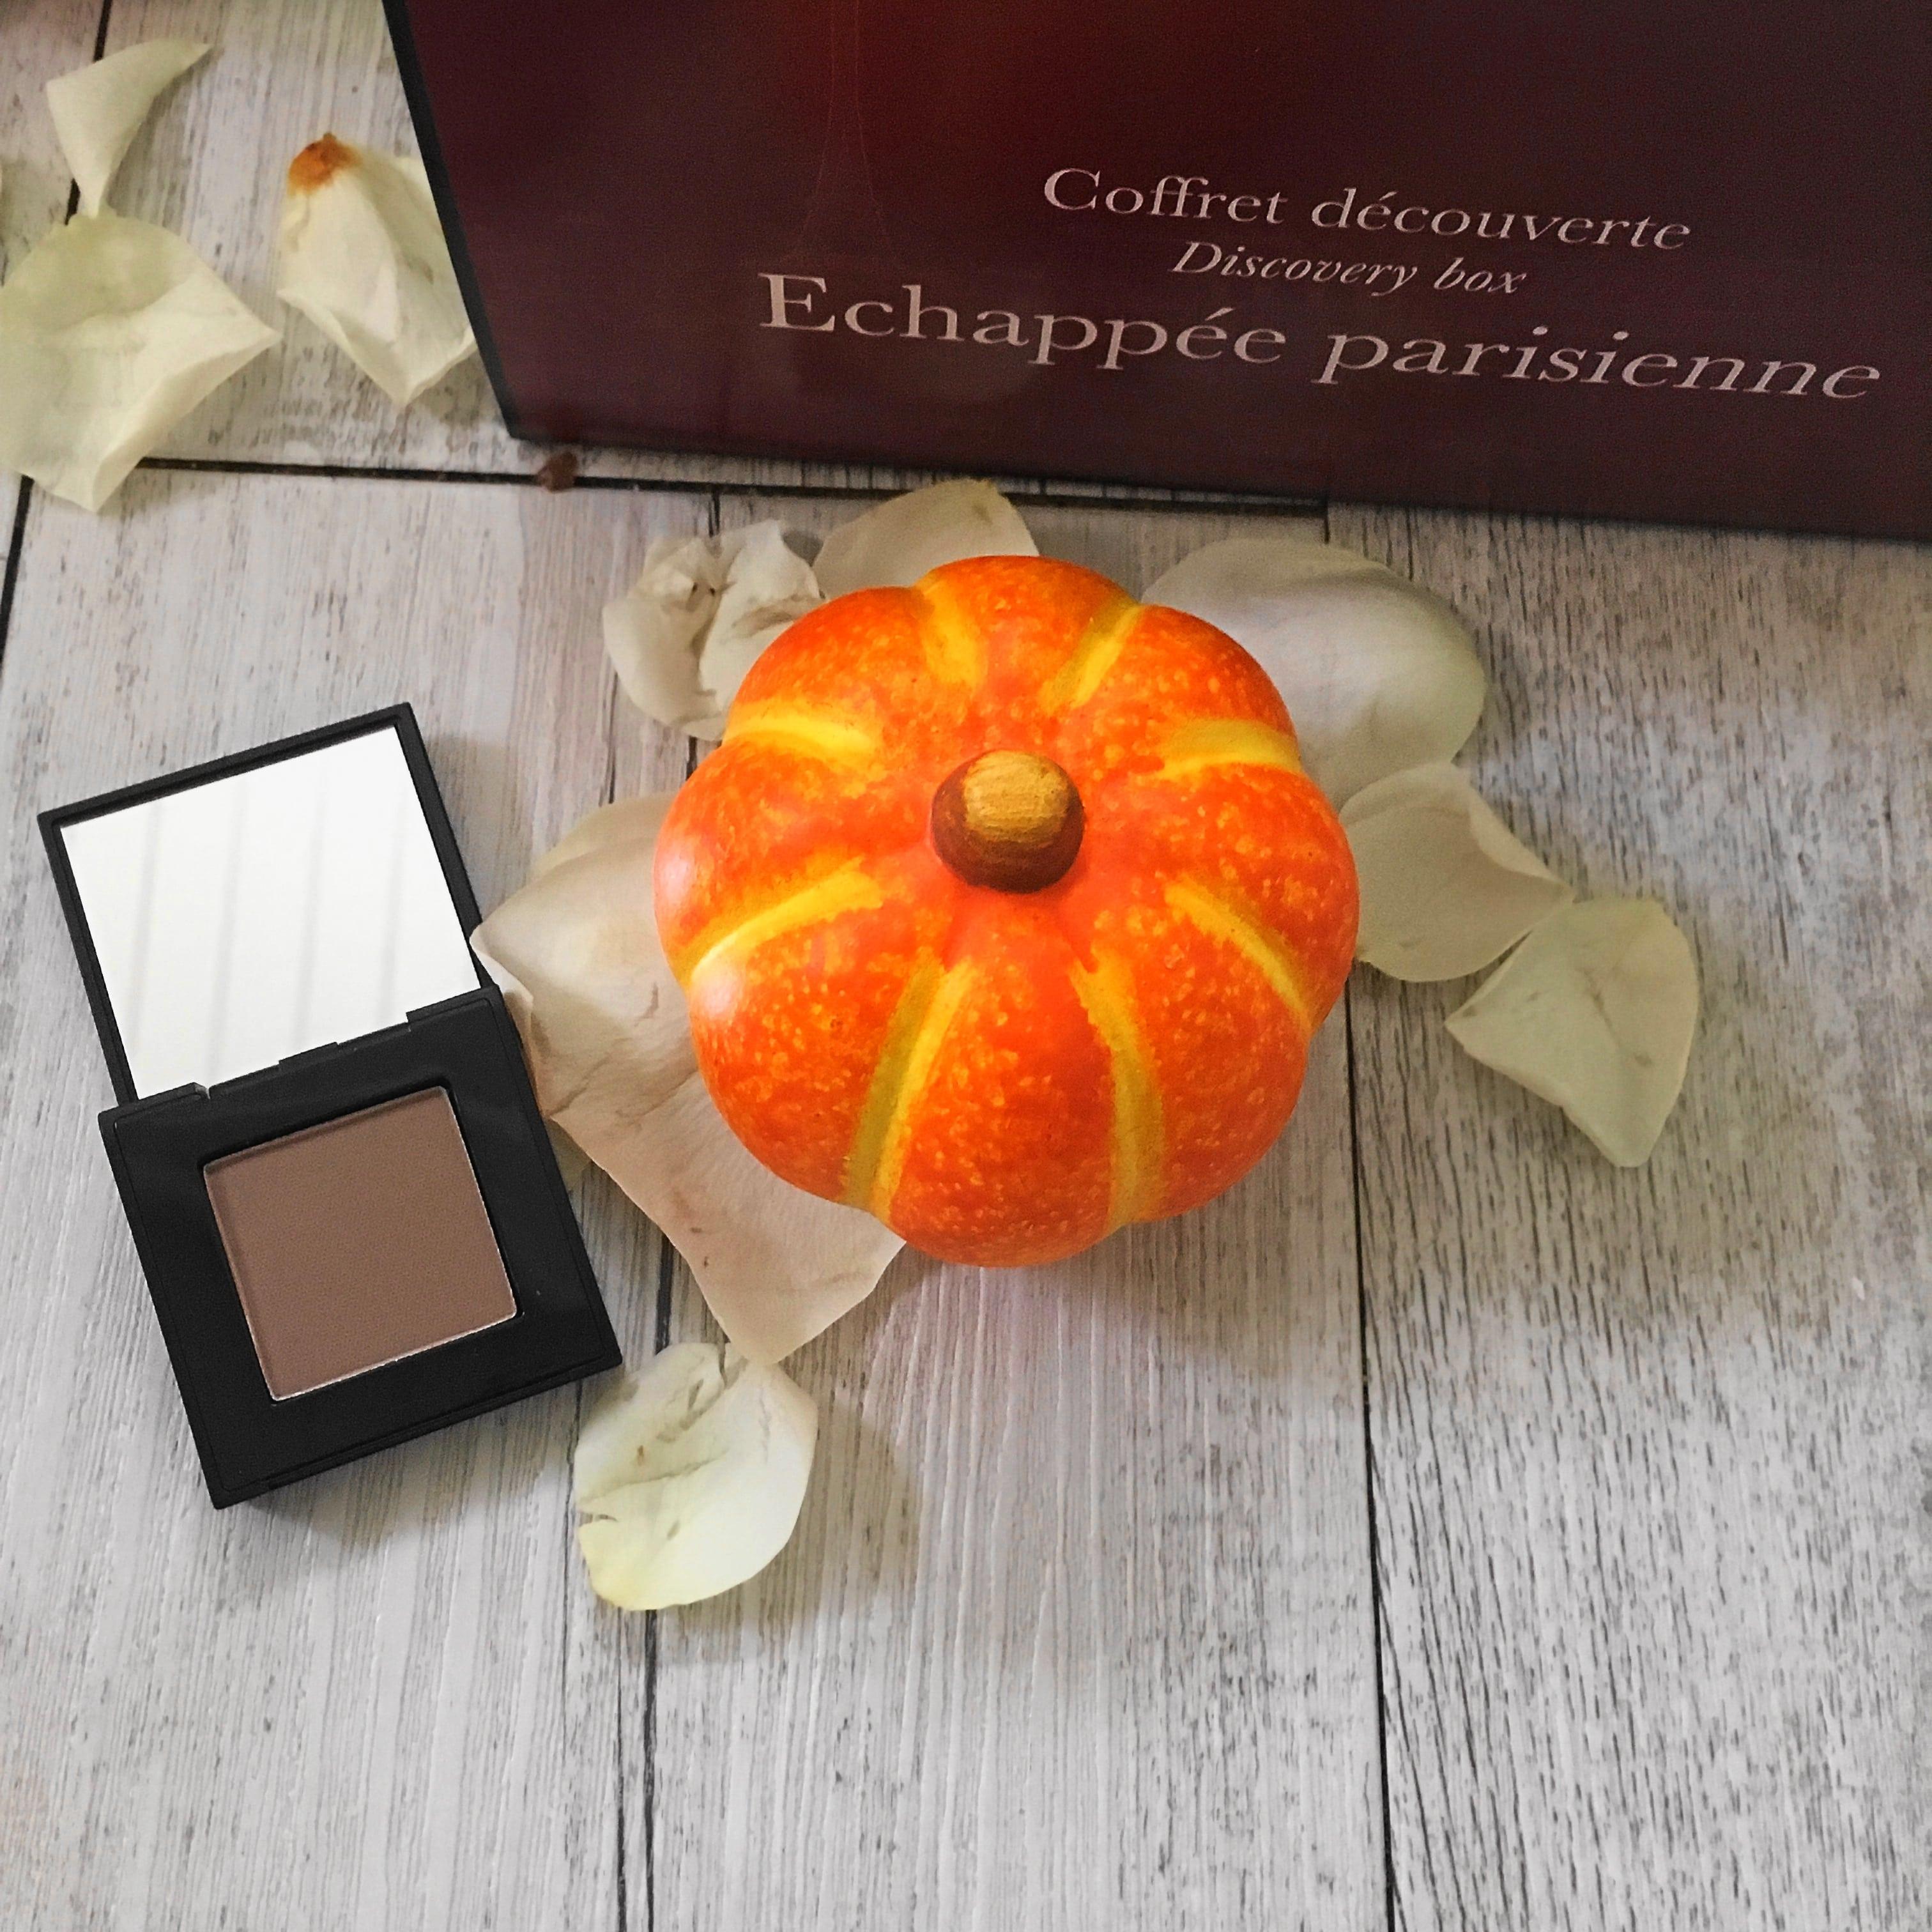 """Die seit September erhältliche SOTHYS Discovery Box """"Echappée parisienne"""" enthält tolle dekorative Kosmetik-Produkte für einen schönen Herbst Make Up-Look"""